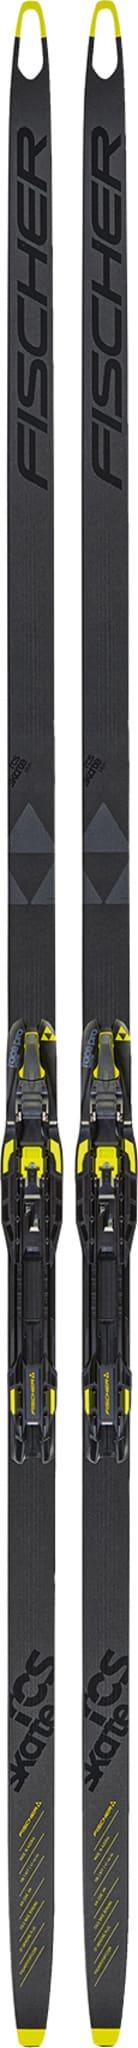 RCS Skate Plus Medium IFP